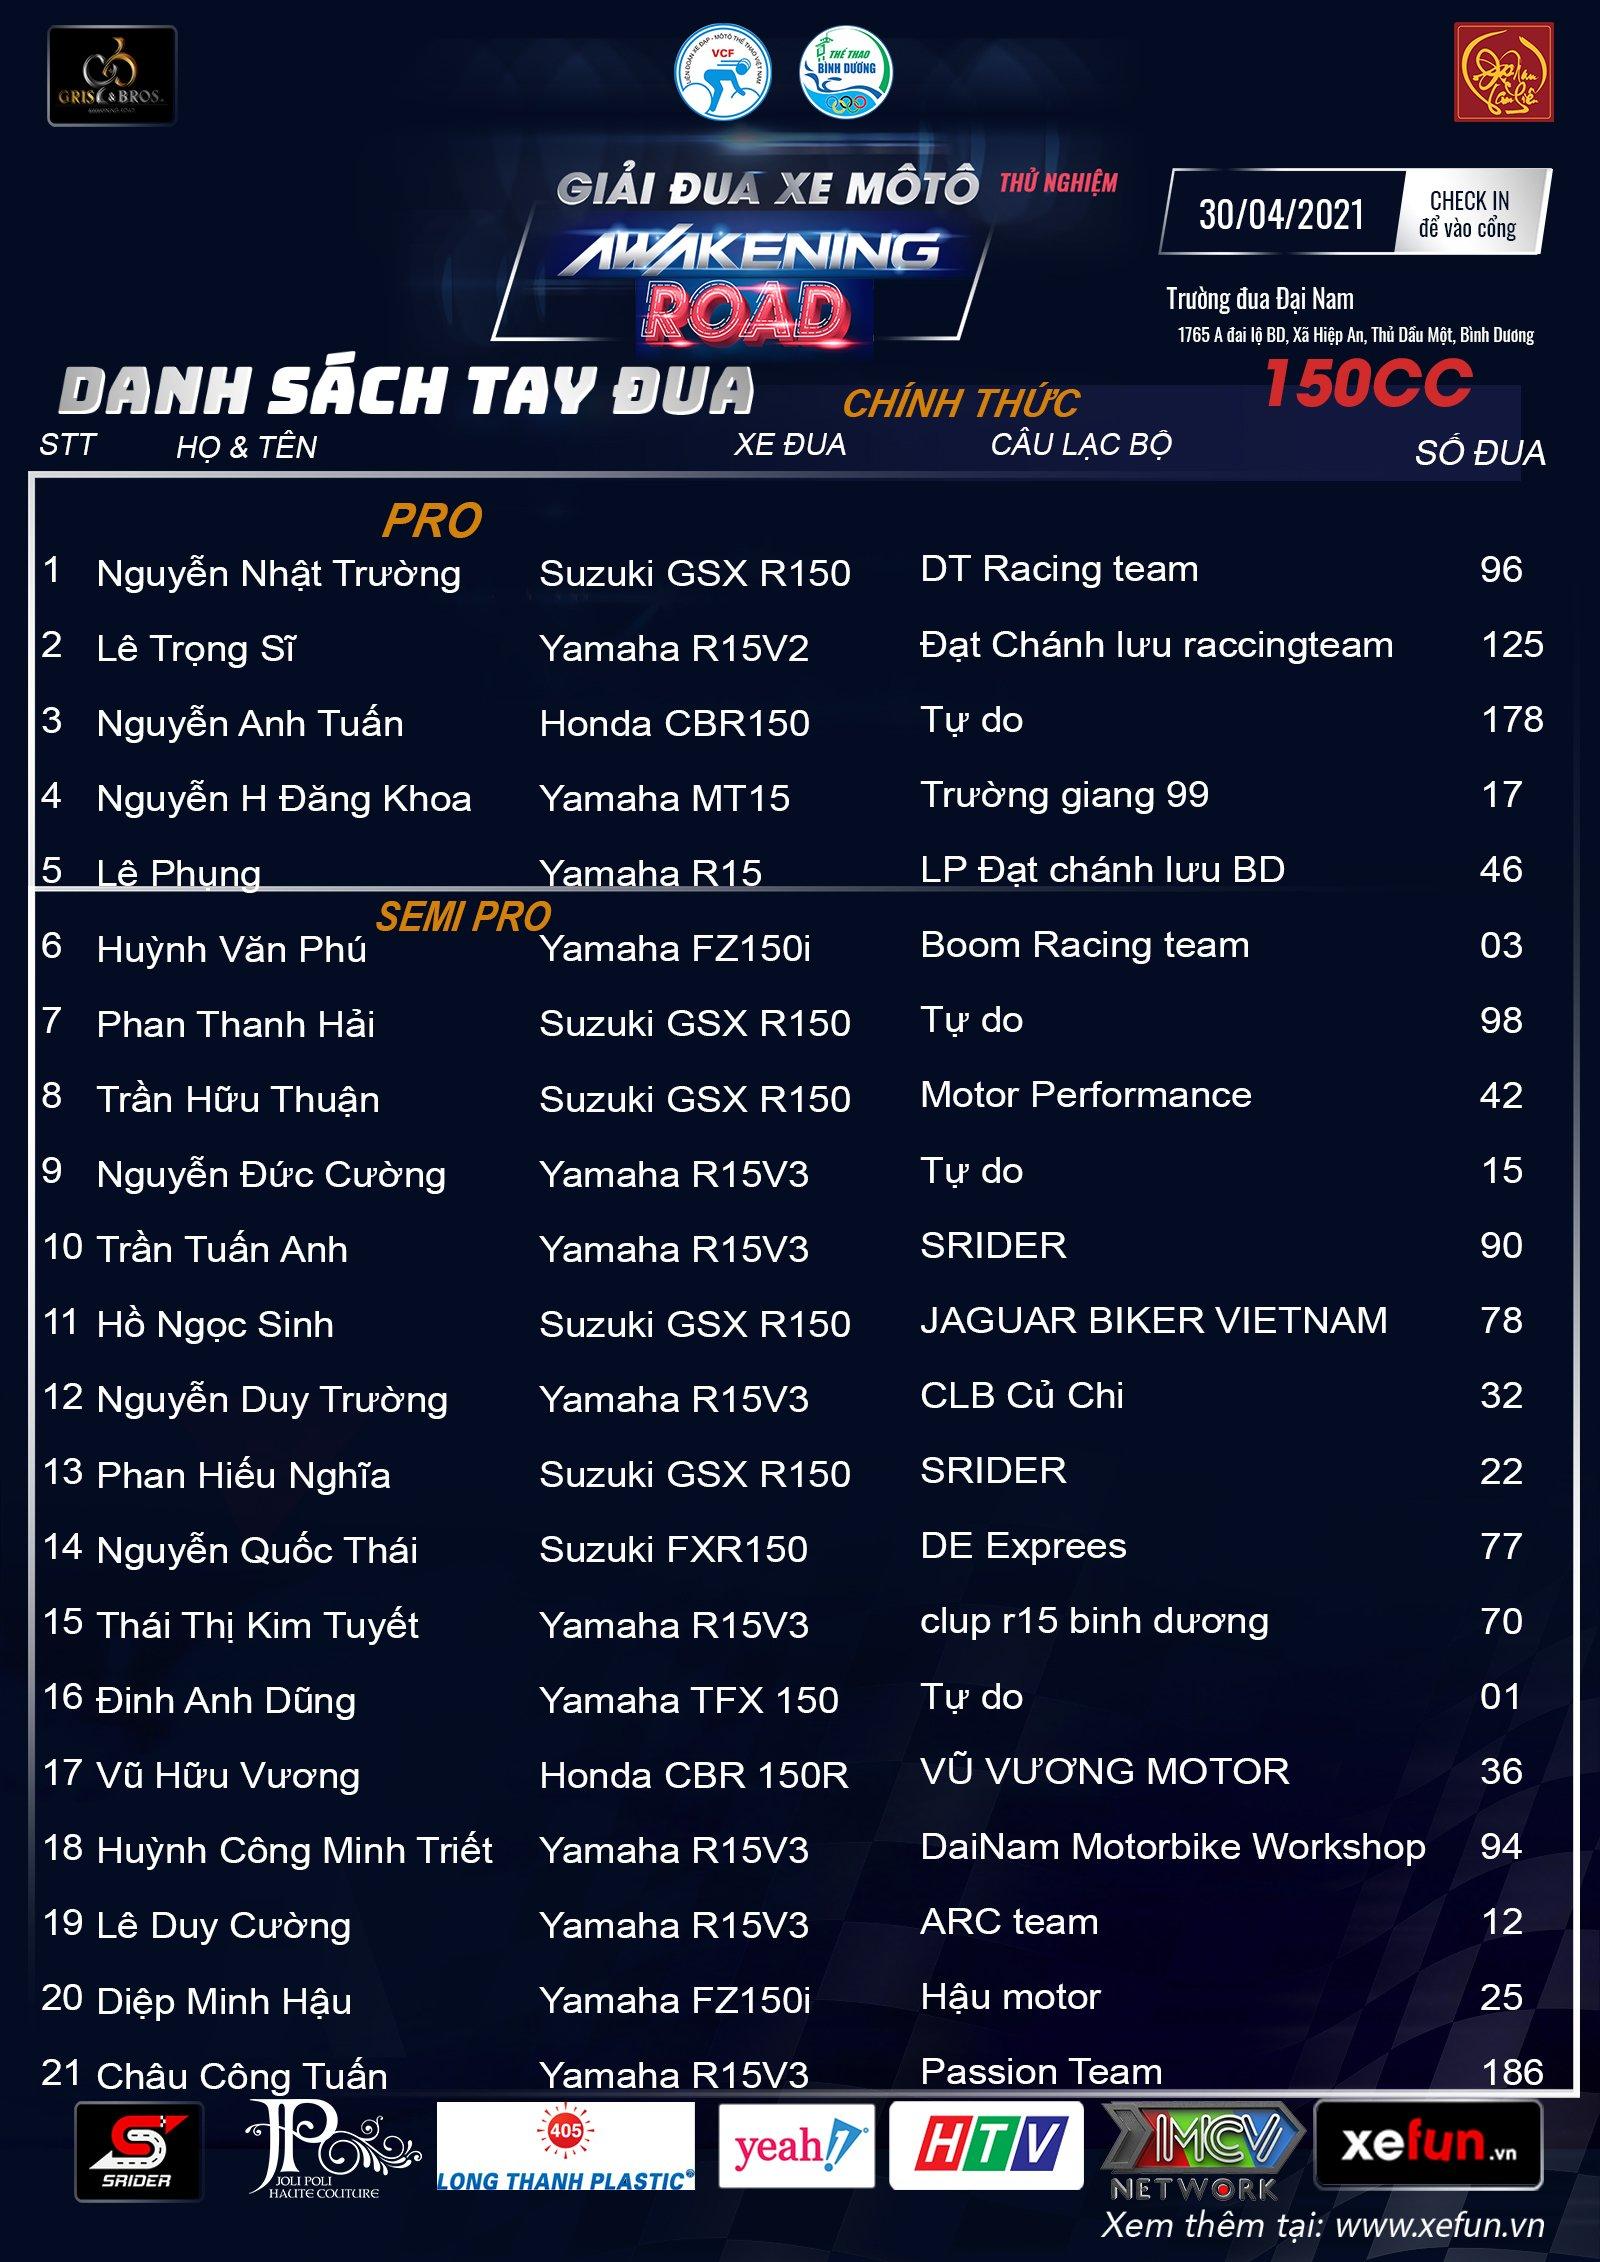 Công bố danh sách tay đua Giải đua xe môtô Awakening Road 2021 Xefun (1)344354